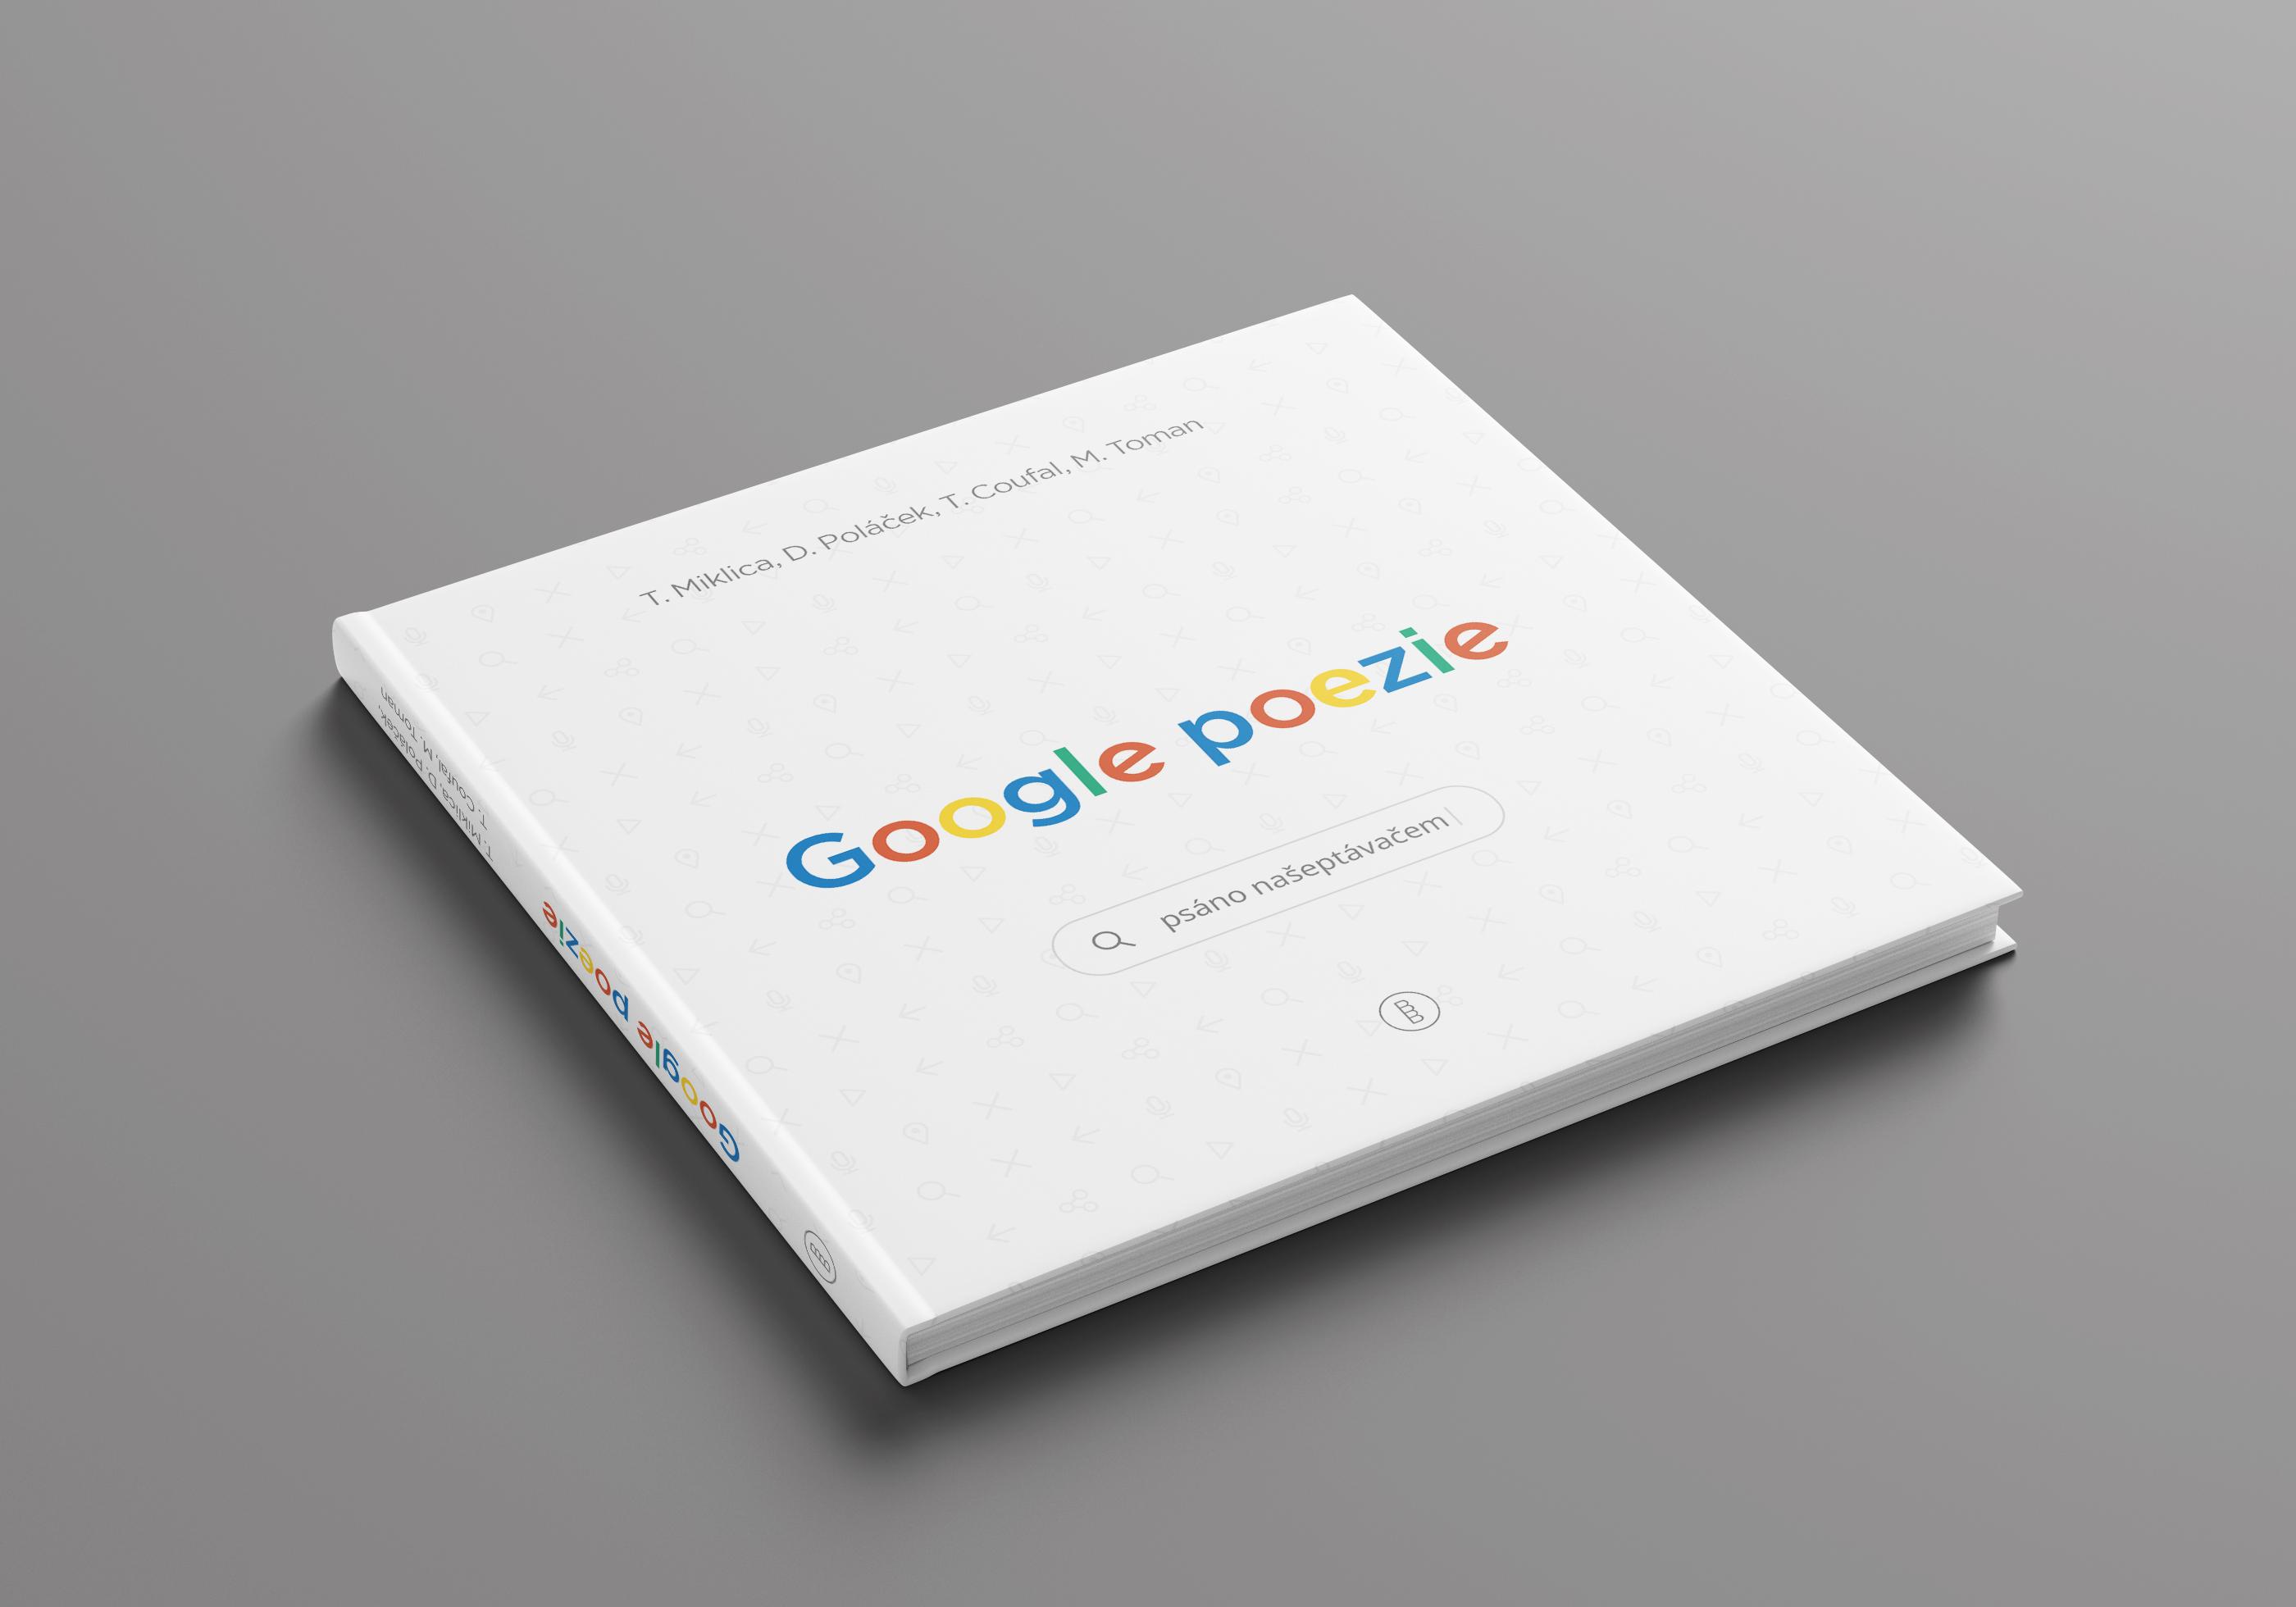 Google poezie slaví sedmé výročí tištěnou knihou.